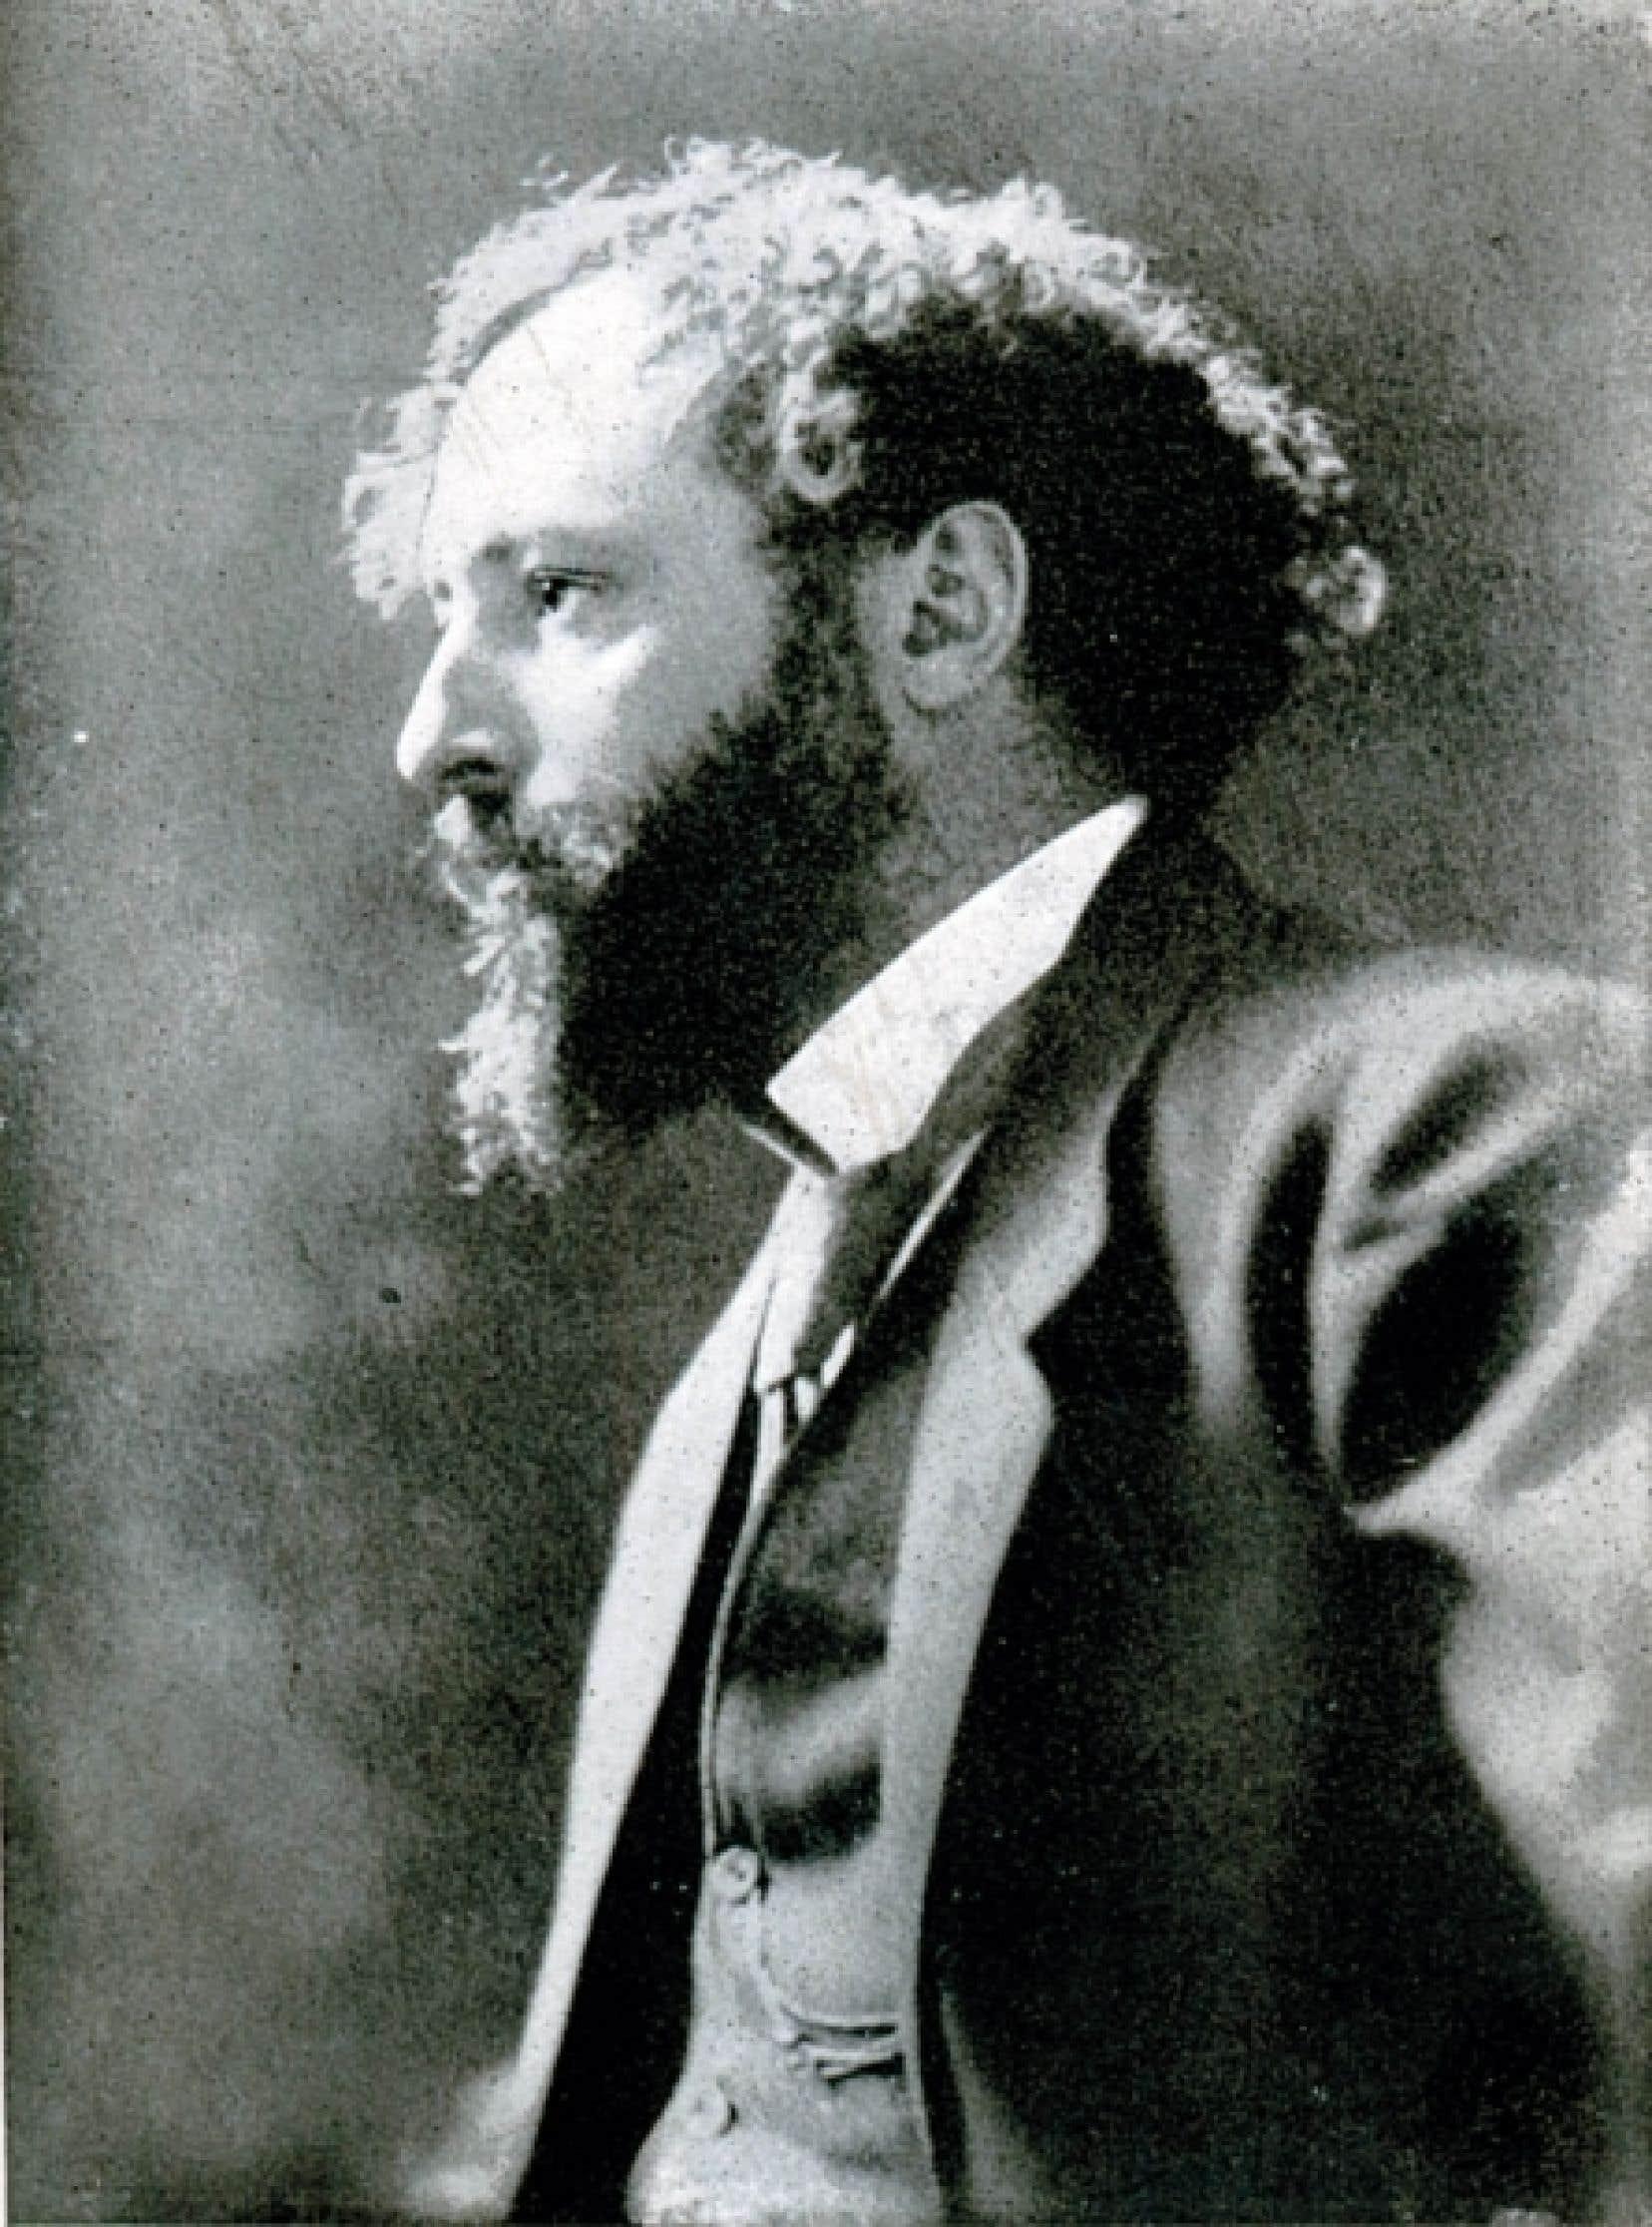 Charles Gill, tel qu'il apparaît en page frontispice de son recueil posthume Cap Éternité, publié aux éditions du Devoir en 1919